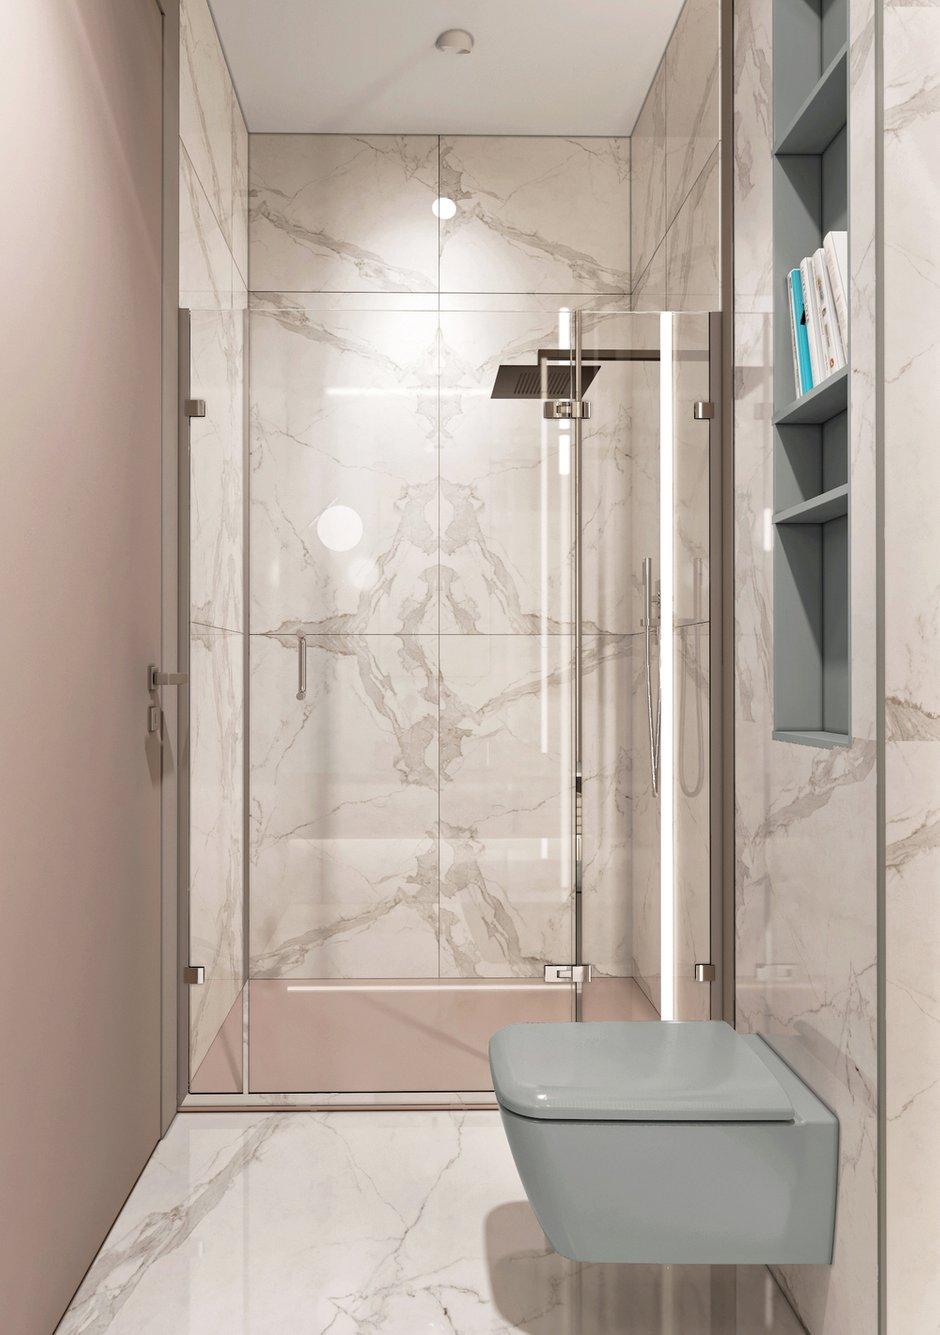 Фотография: Ванная в стиле Современный, Квартира, Минимализм, Проект недели, Москва, Эко, Монолитный дом, Quadro room, 3 комнаты, Более 90 метров – фото на INMYROOM